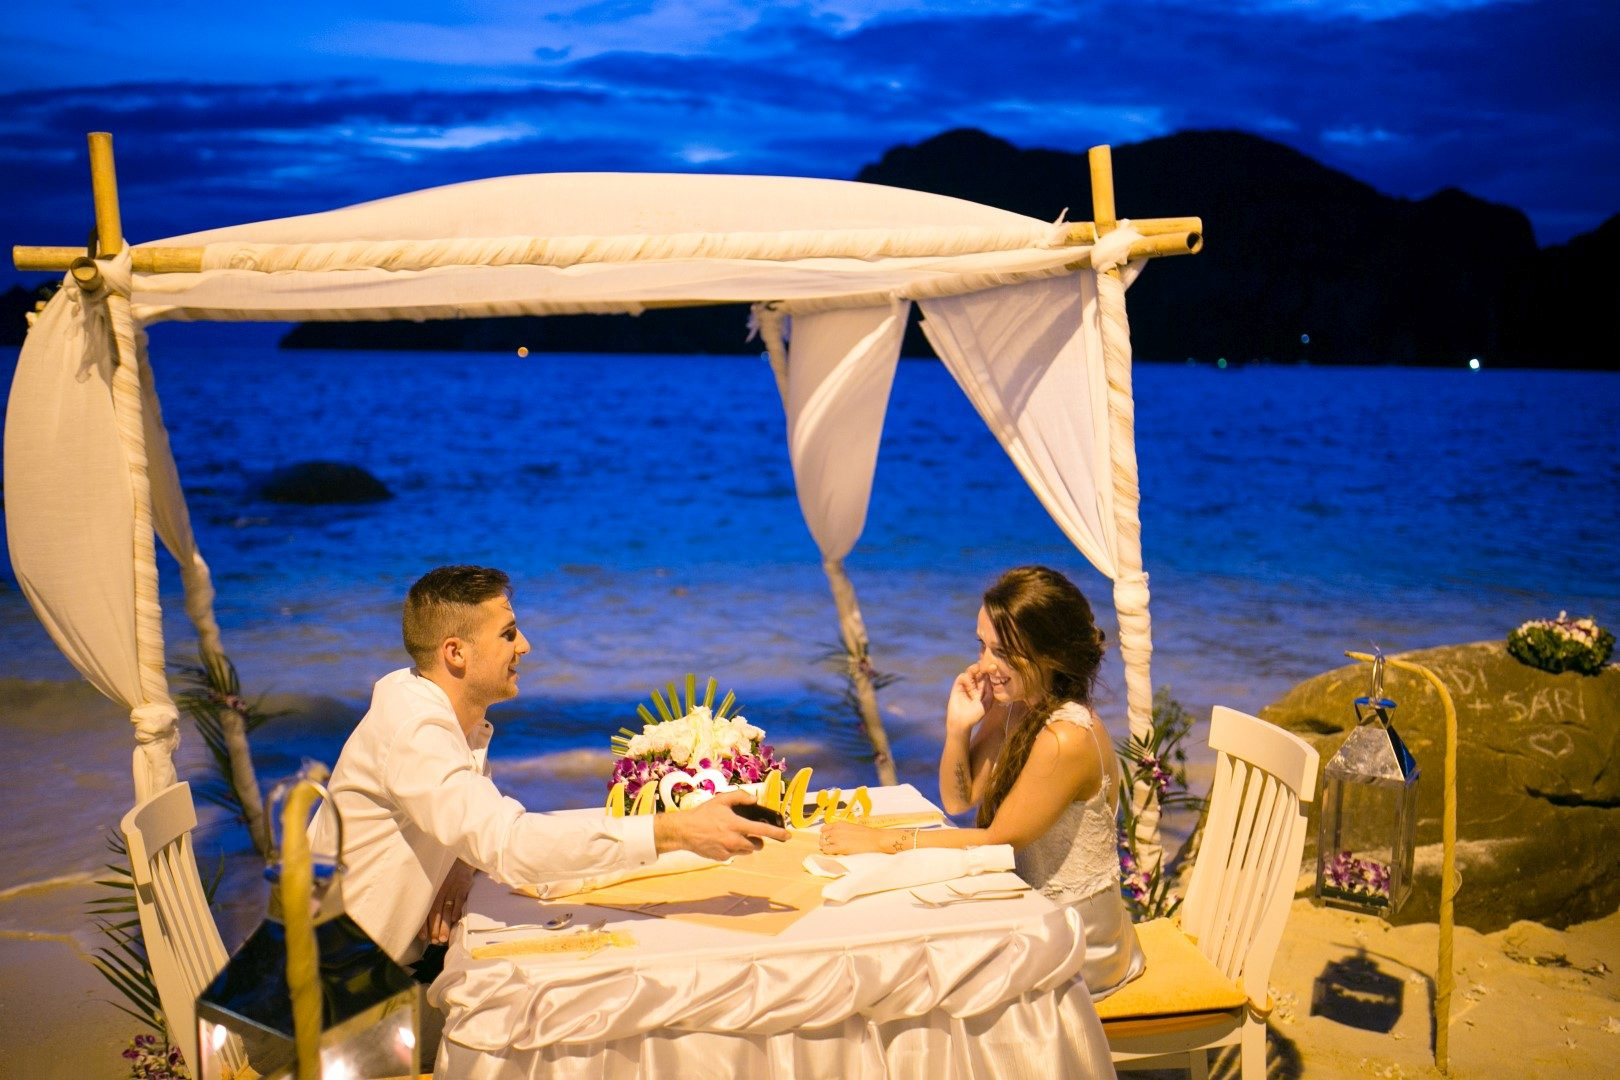 ,tengerparti esküvő,tengerpart,thailföld,thaiföldi esküvő,egzotikus esküvő,tengerparti esküvői ruha,daalarna,phi phi szigetek,